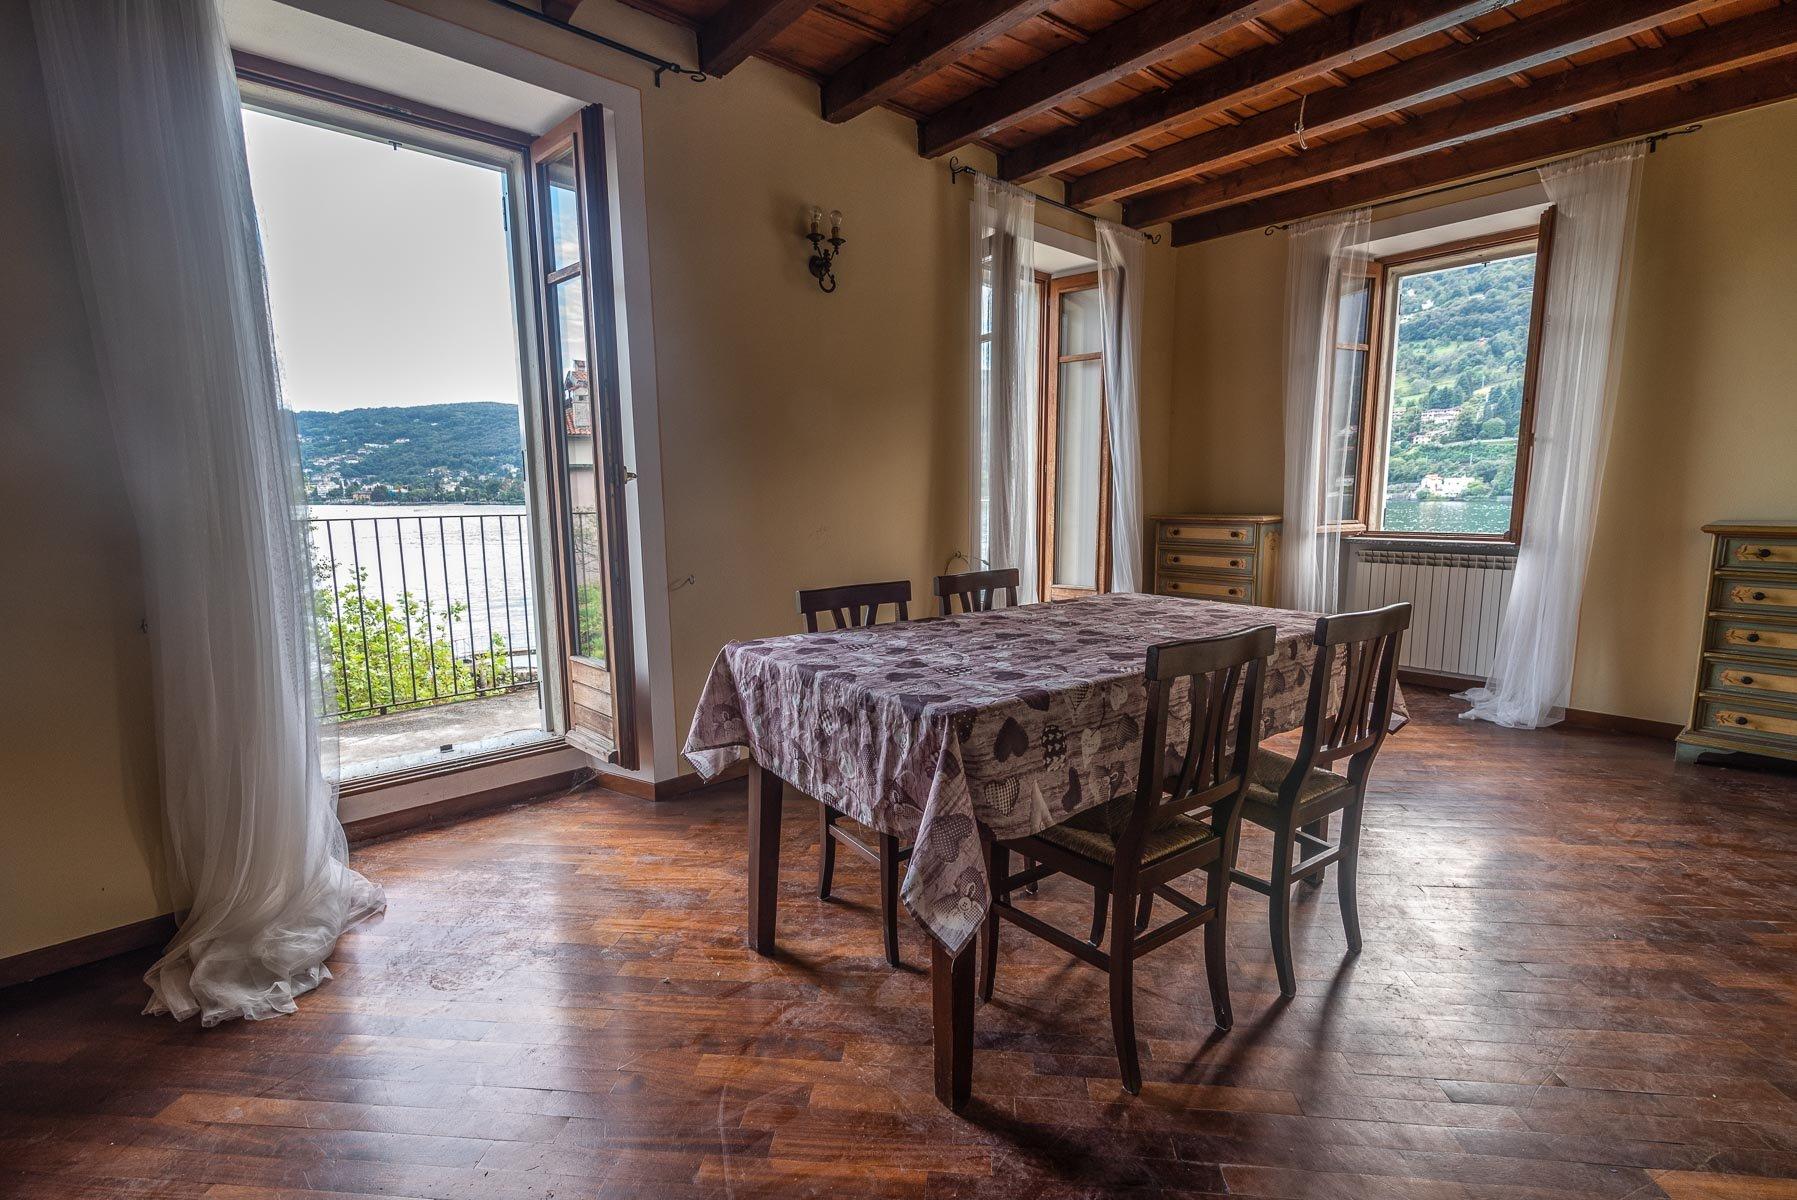 Apartment for sale in Pescatori Island, Stresa - salon